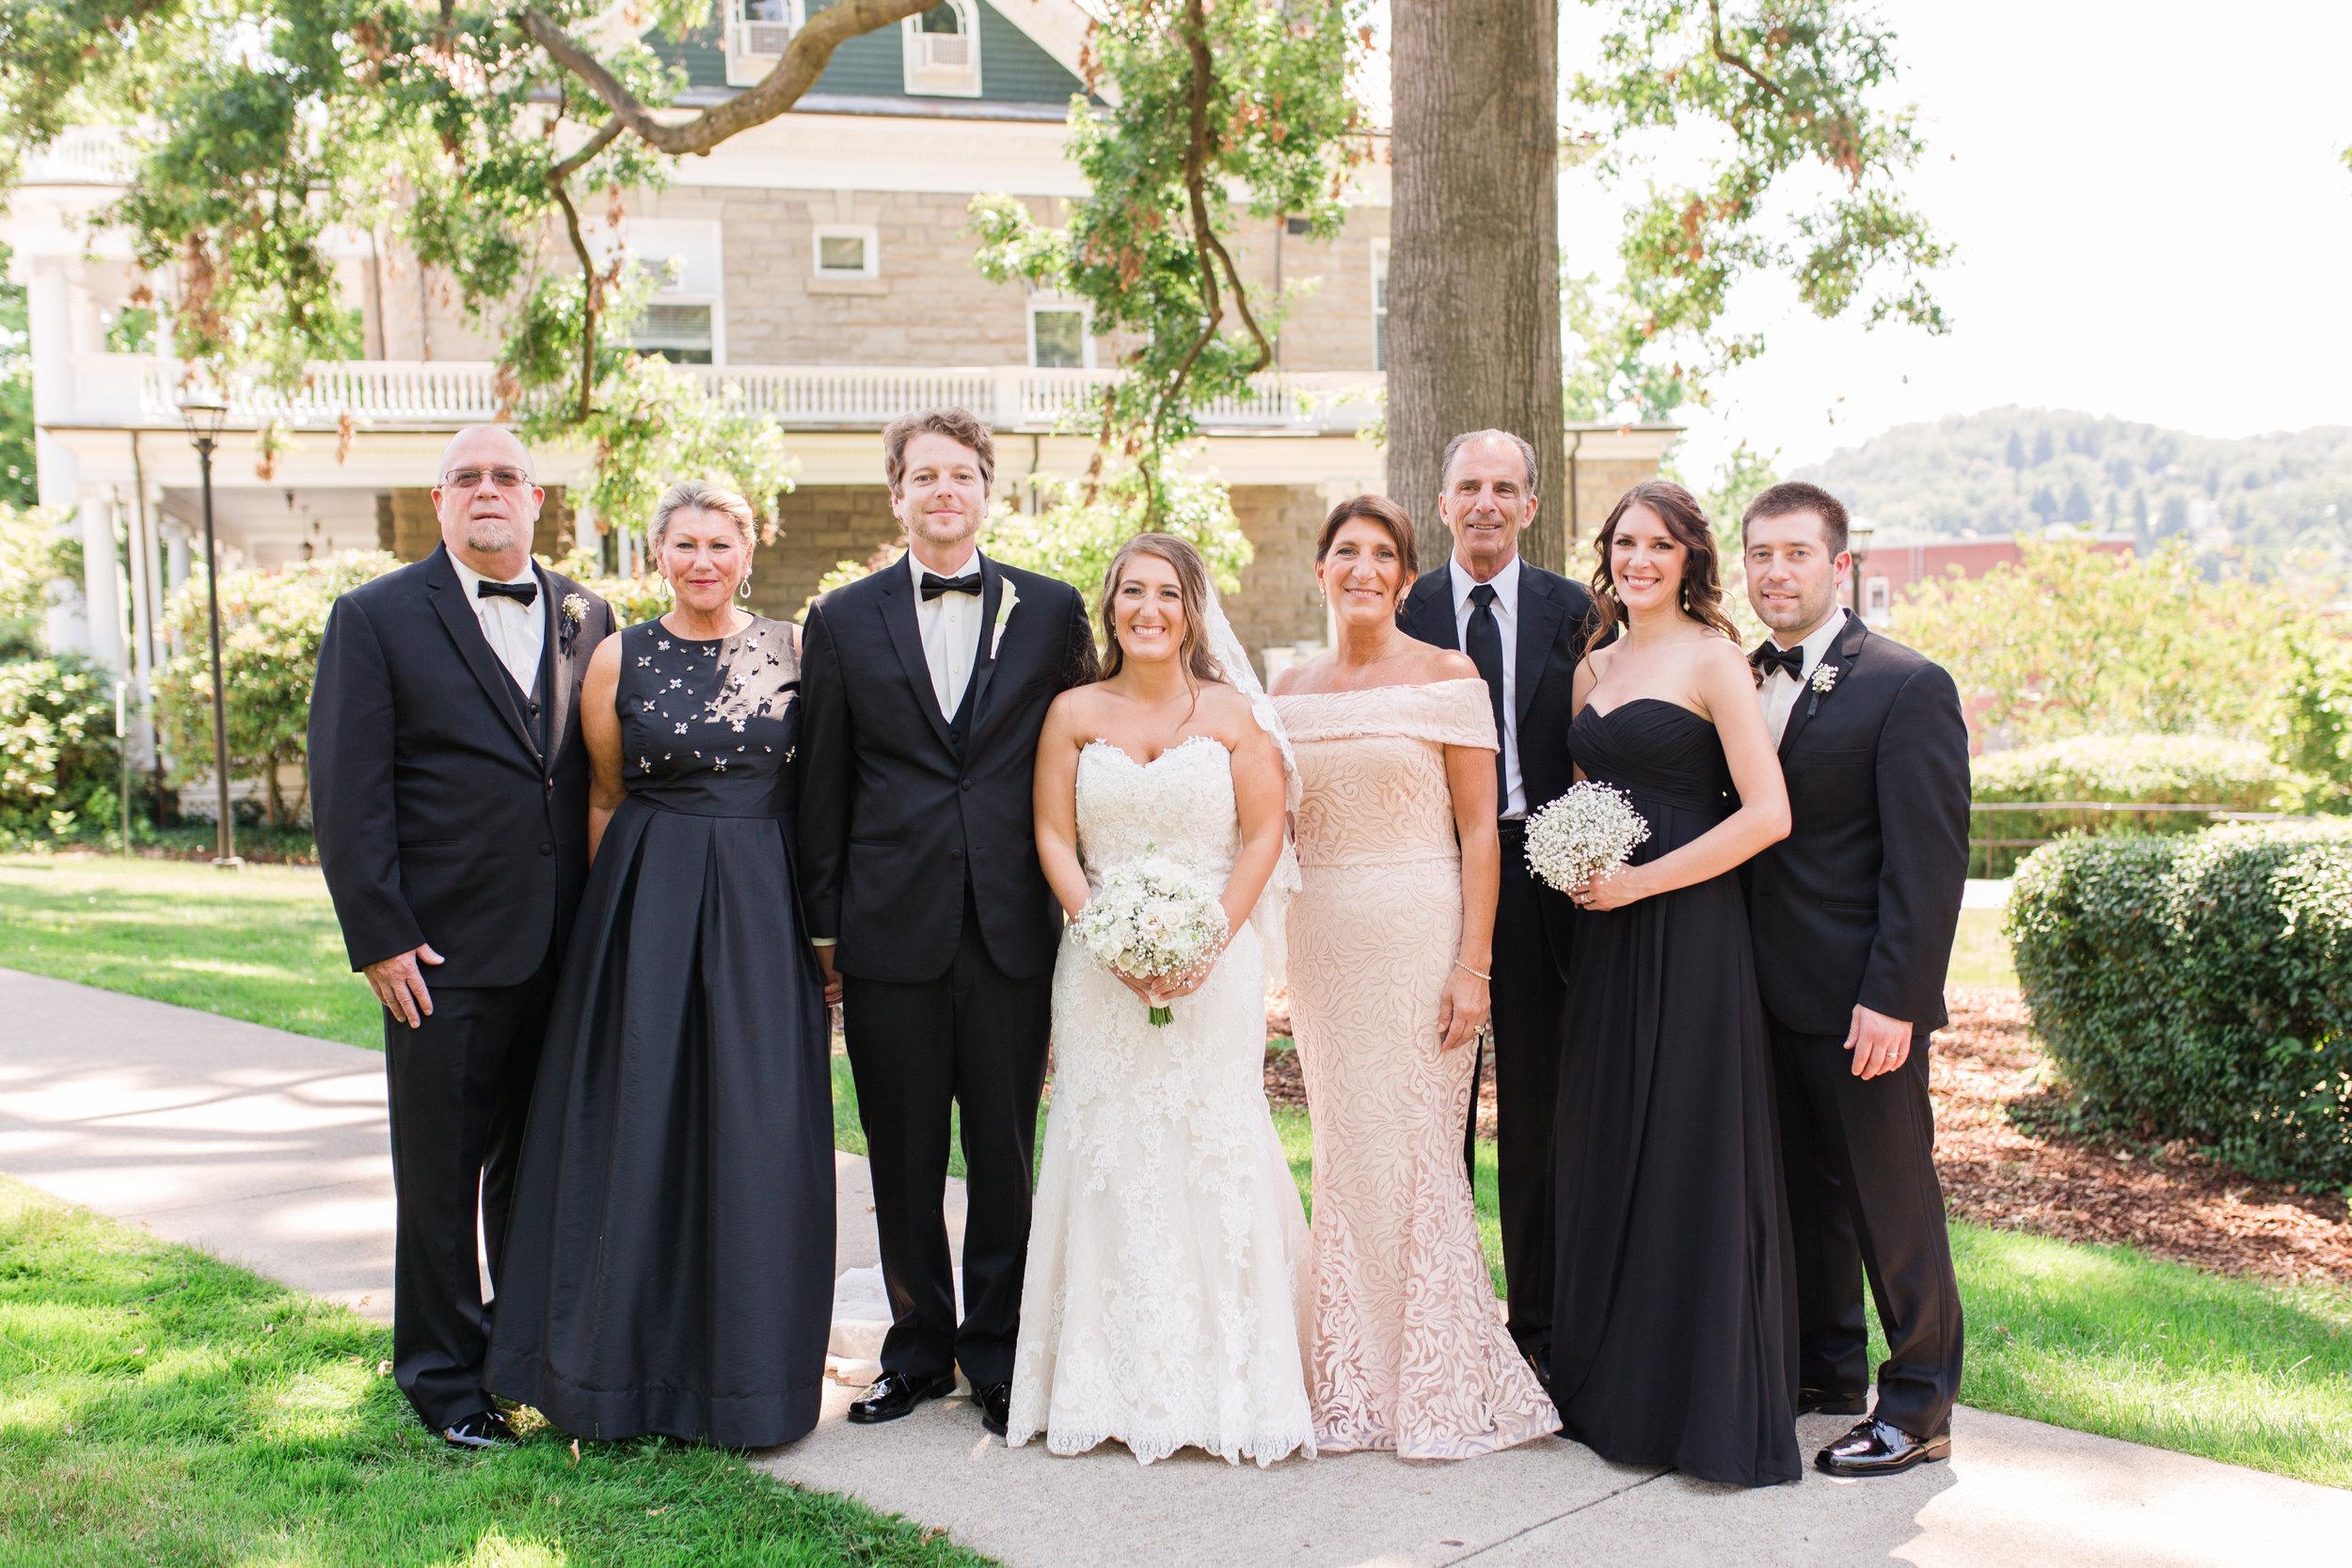 family formals-9.jpg